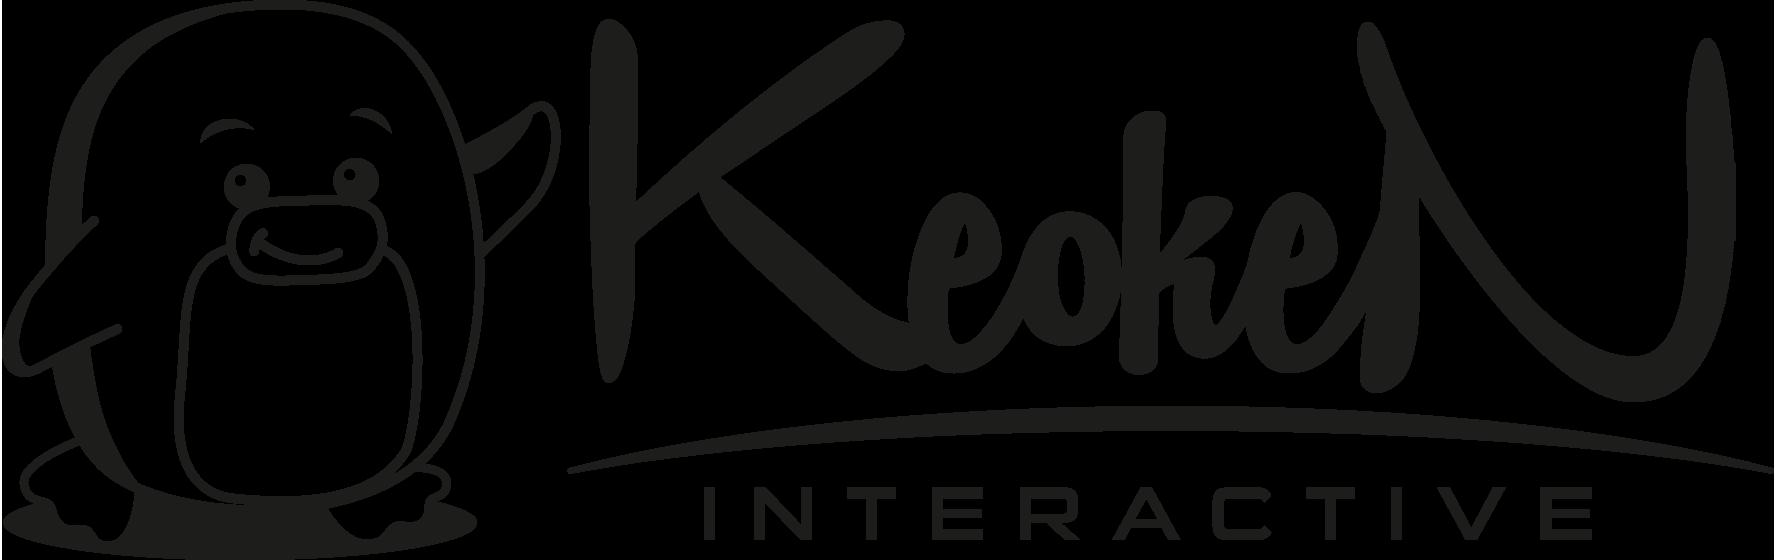 Keoken Interactive logo black.png